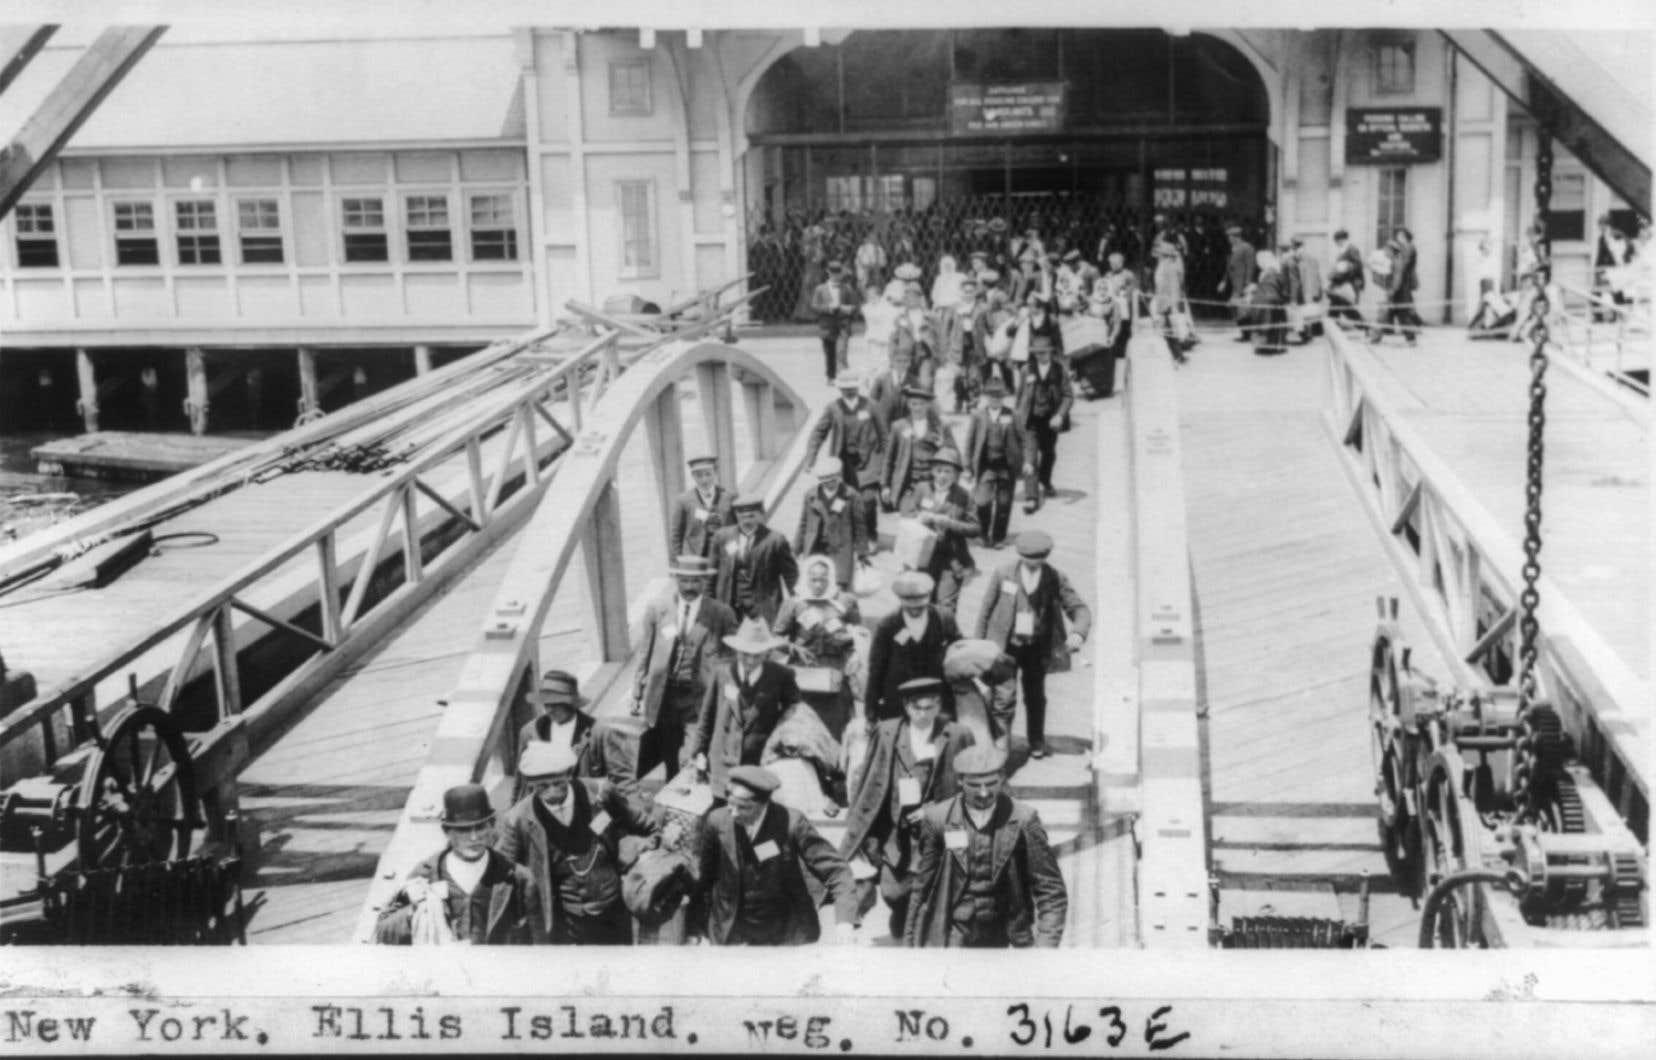 Lors d'un récent voyage à New York, les photos d'émigrants italiens amarrés à Ellis Island en1910 ont ébranlé Jeanne Benameur, dont les parents et les grands-parents maternels italiens ont émigré eux aussi.